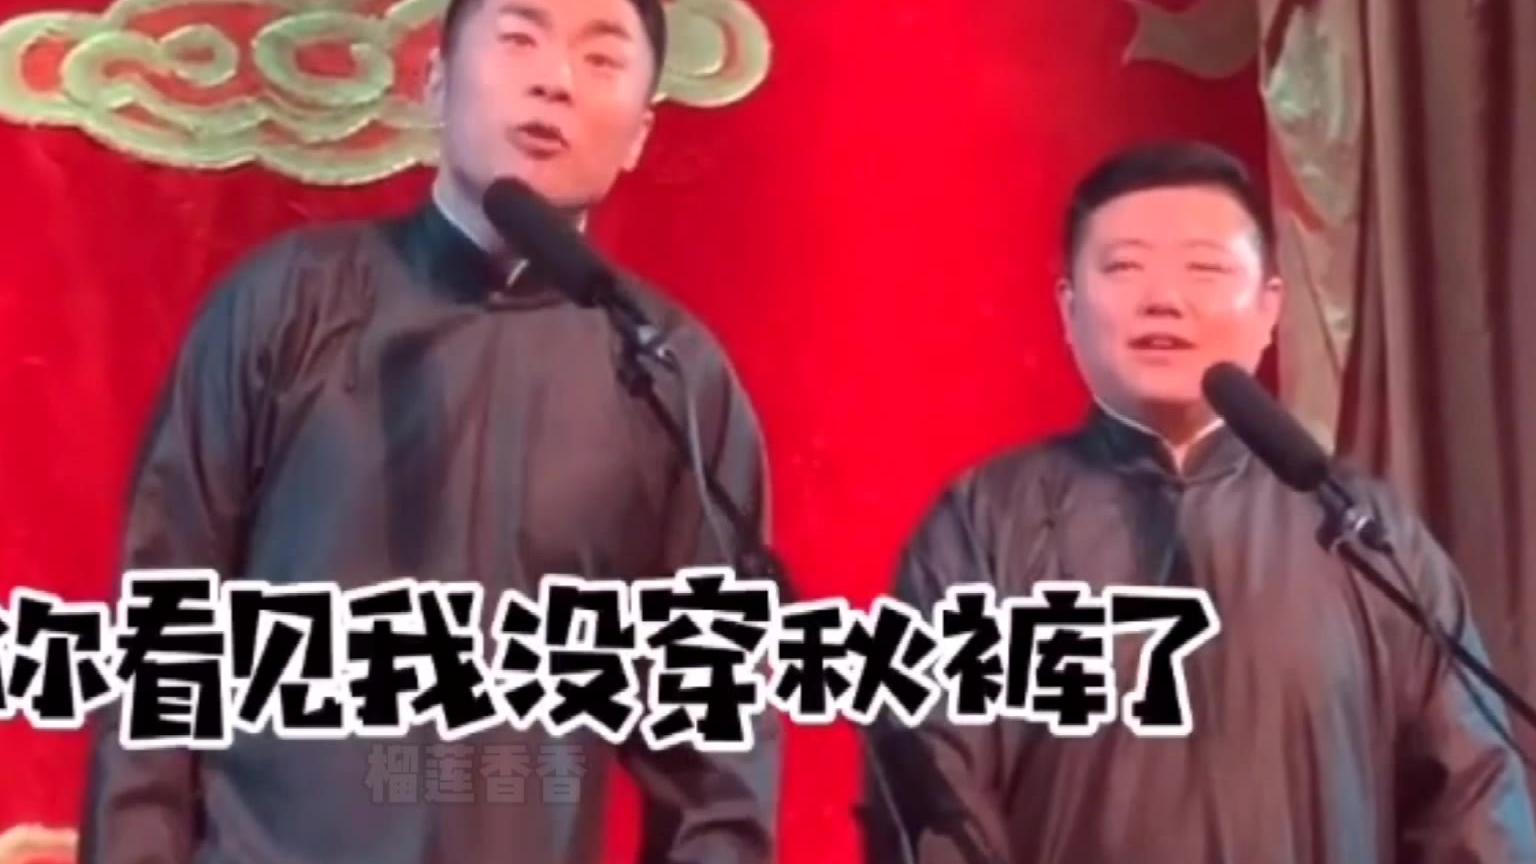 张九南:一位长在观众笑点上的男人